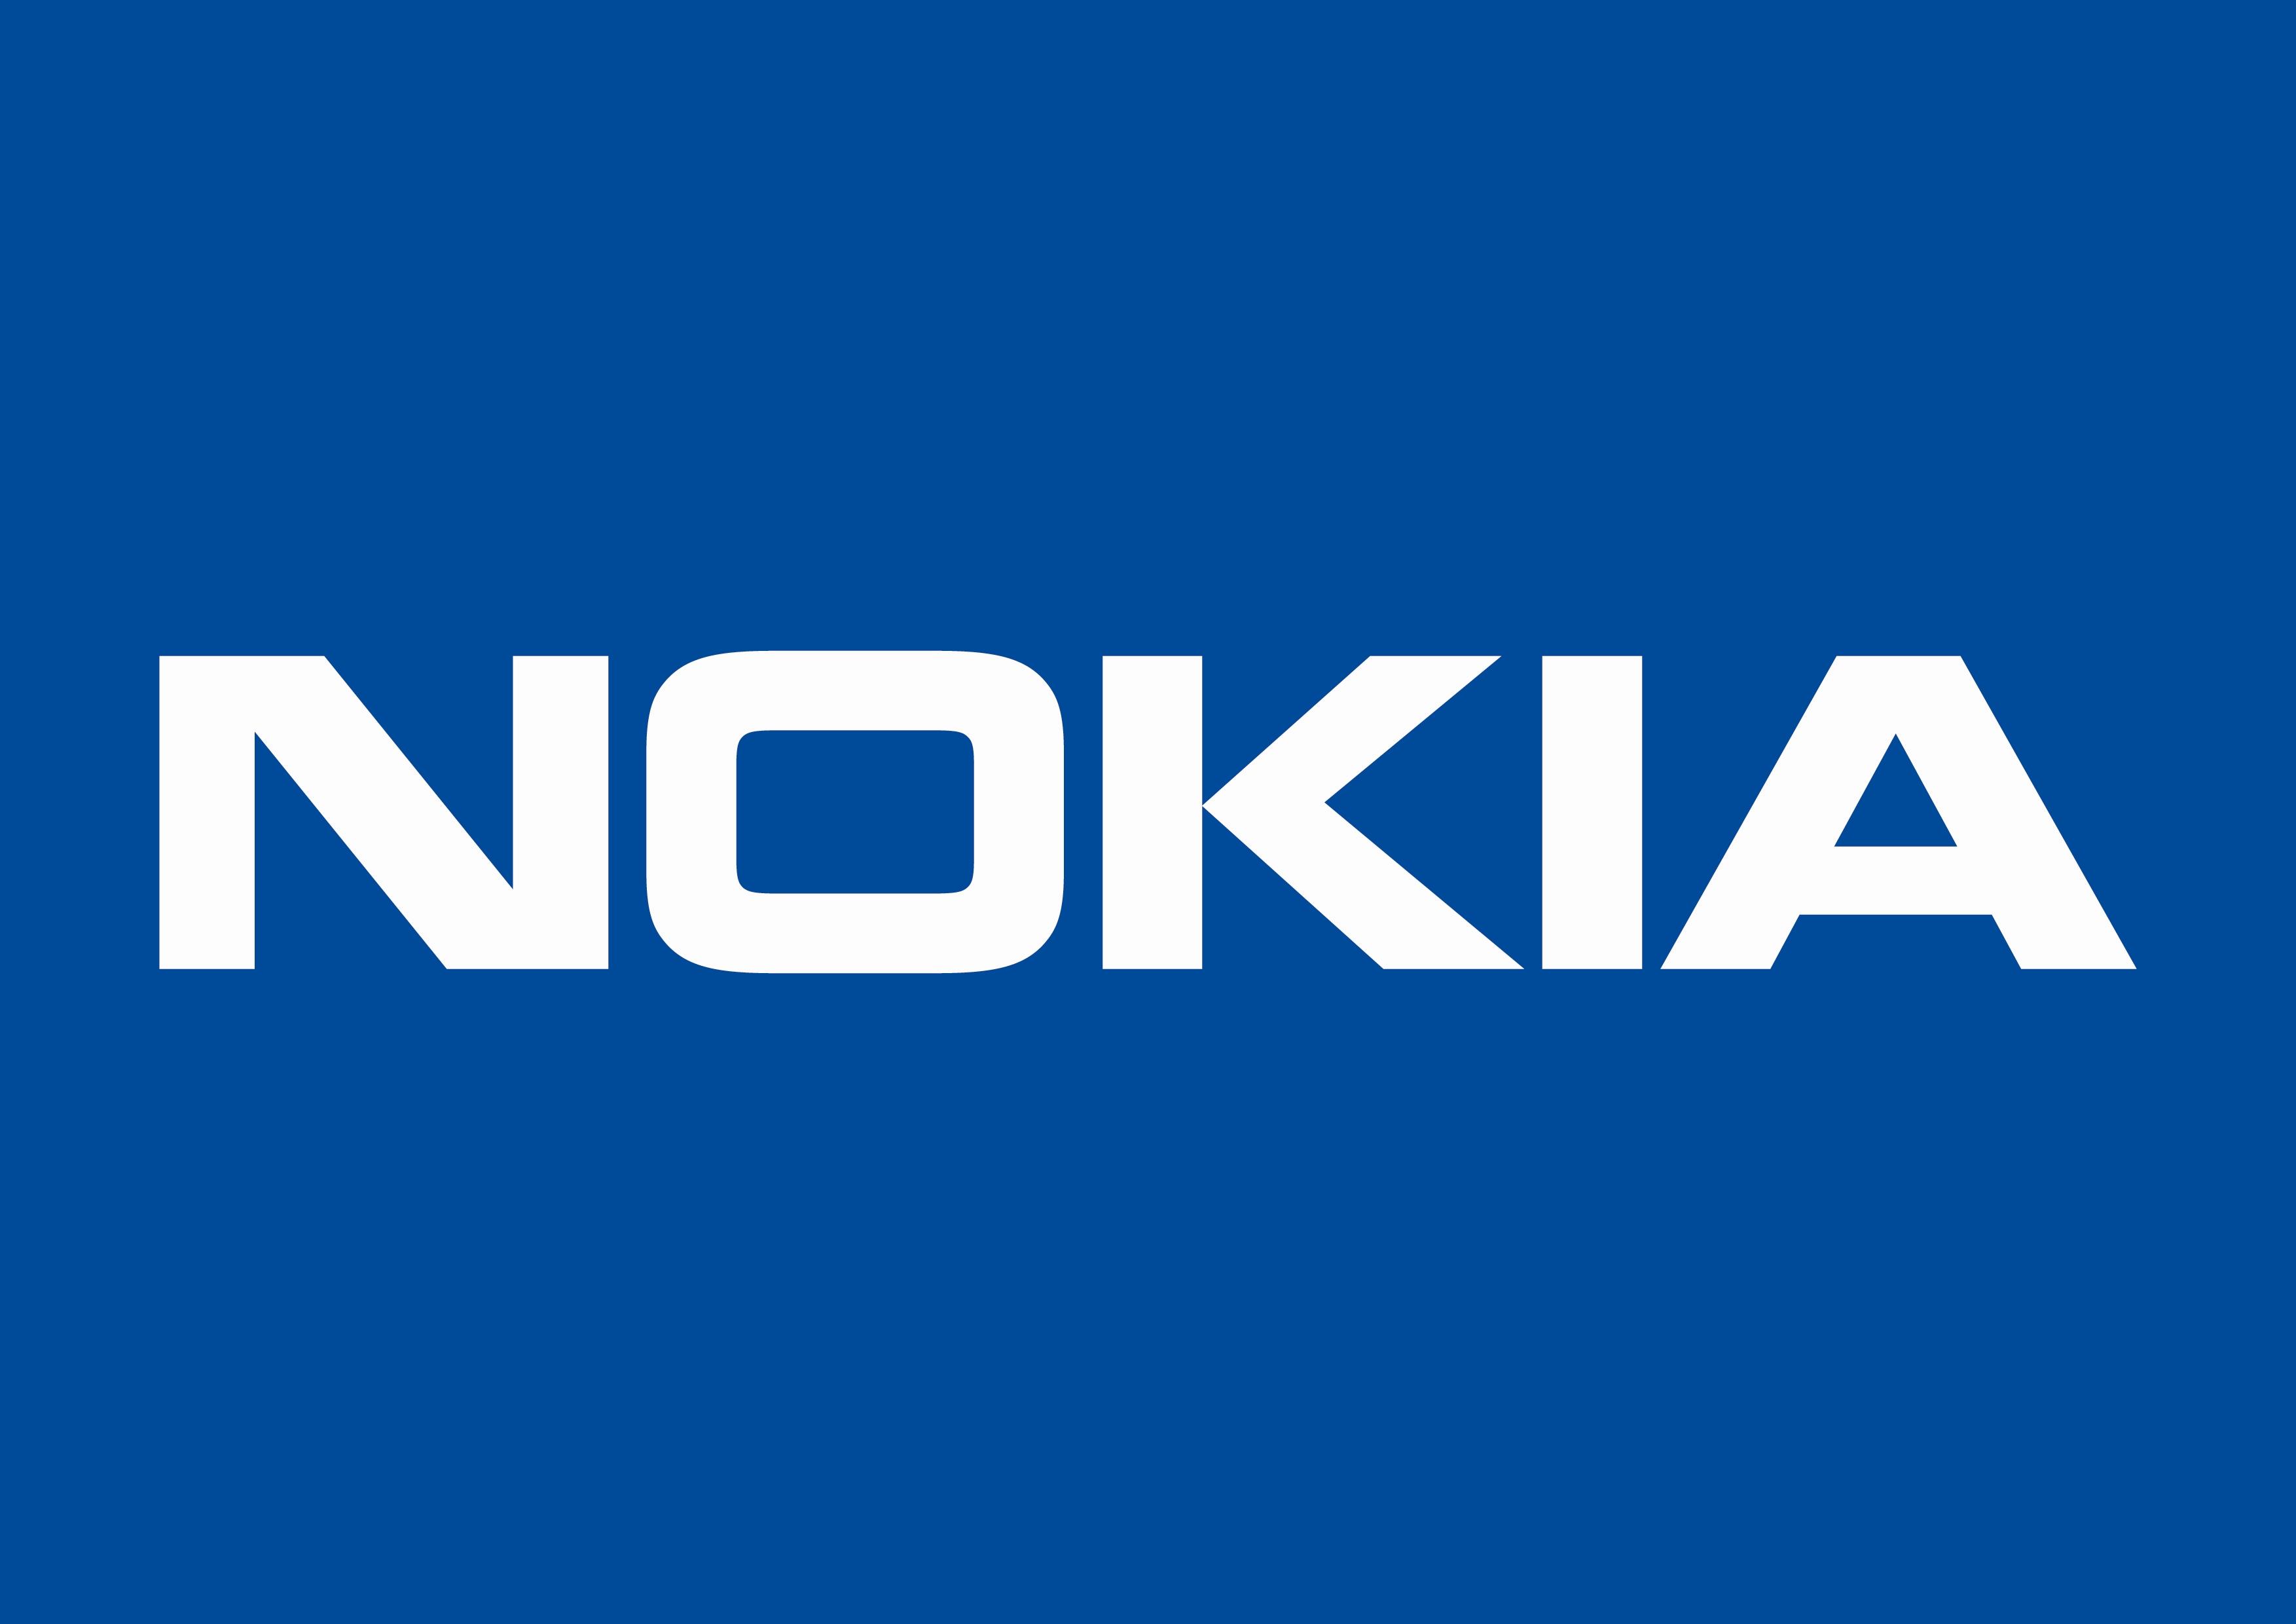 Nokia offentliggører kvartalsrapport for 3. kvartal på torsdag